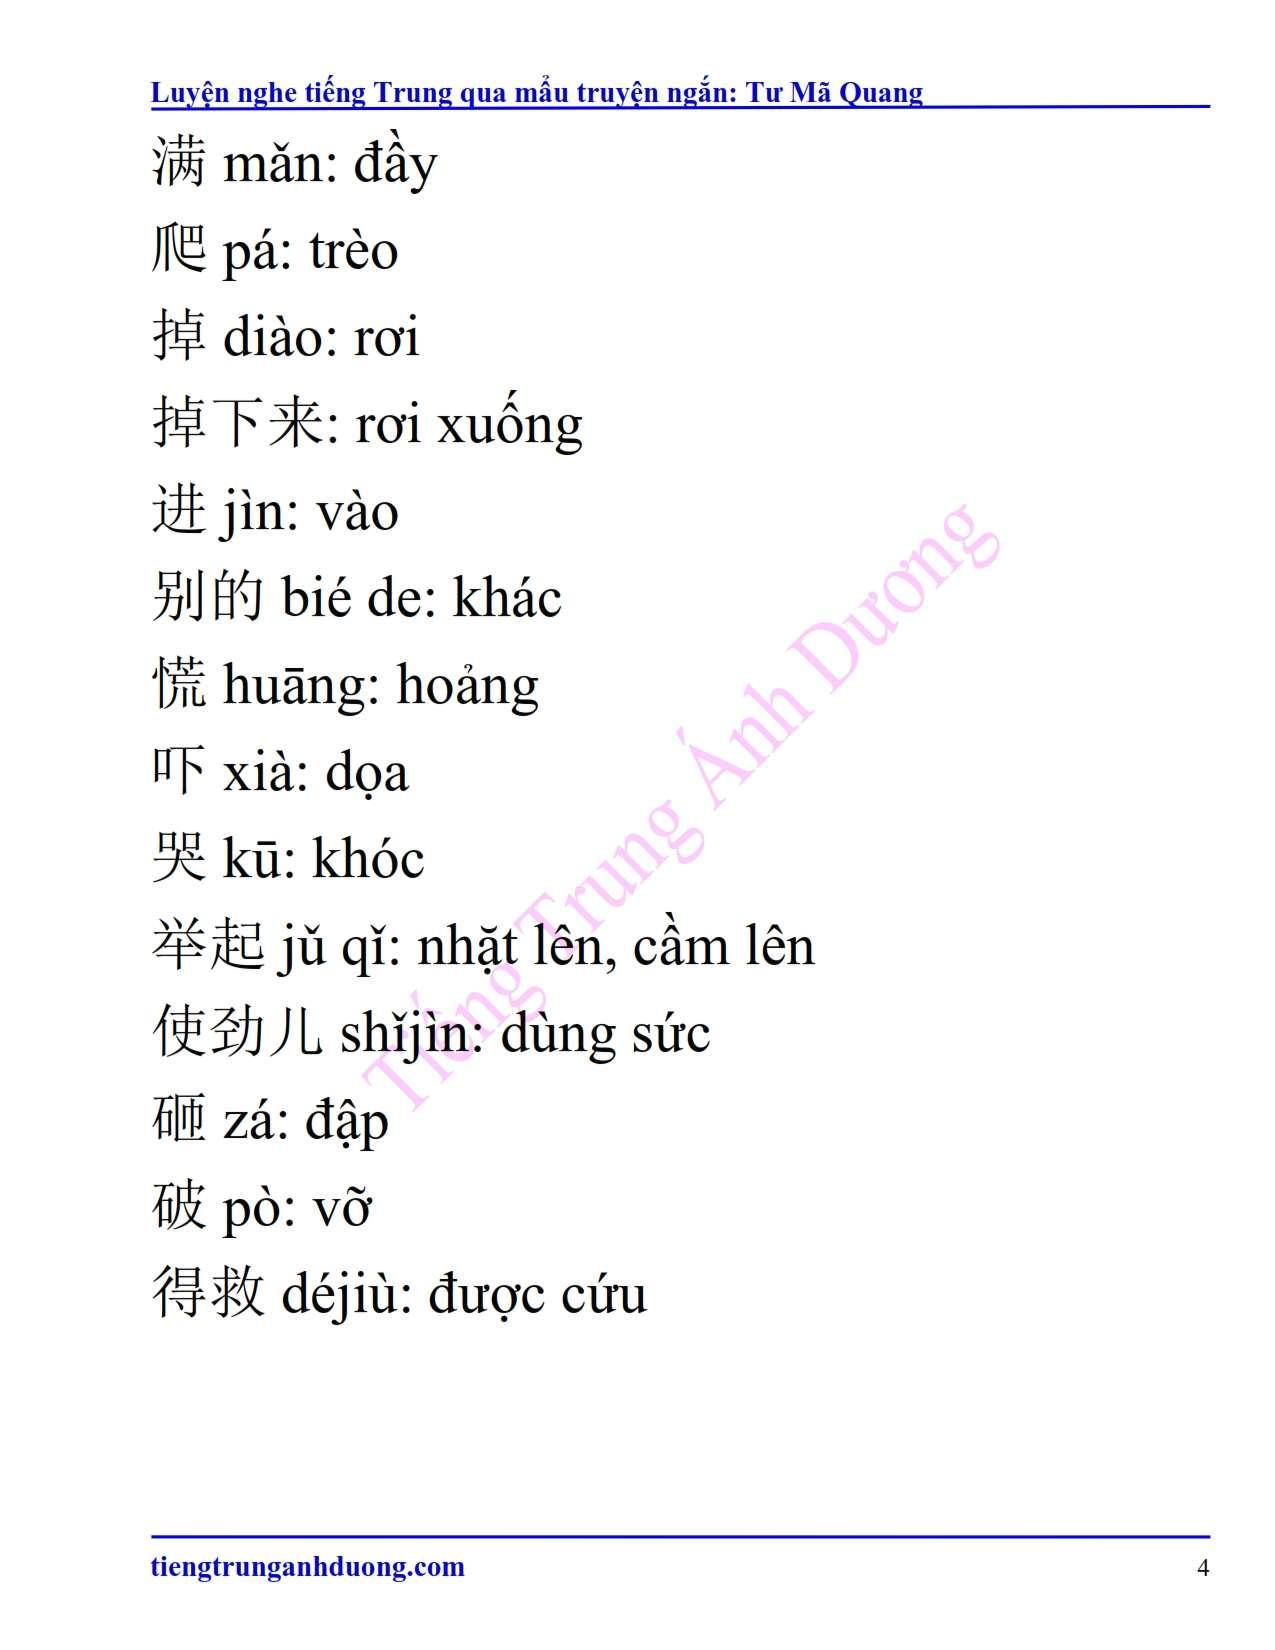 luyện nghe tiếng trung-Tư Mã Quang-004